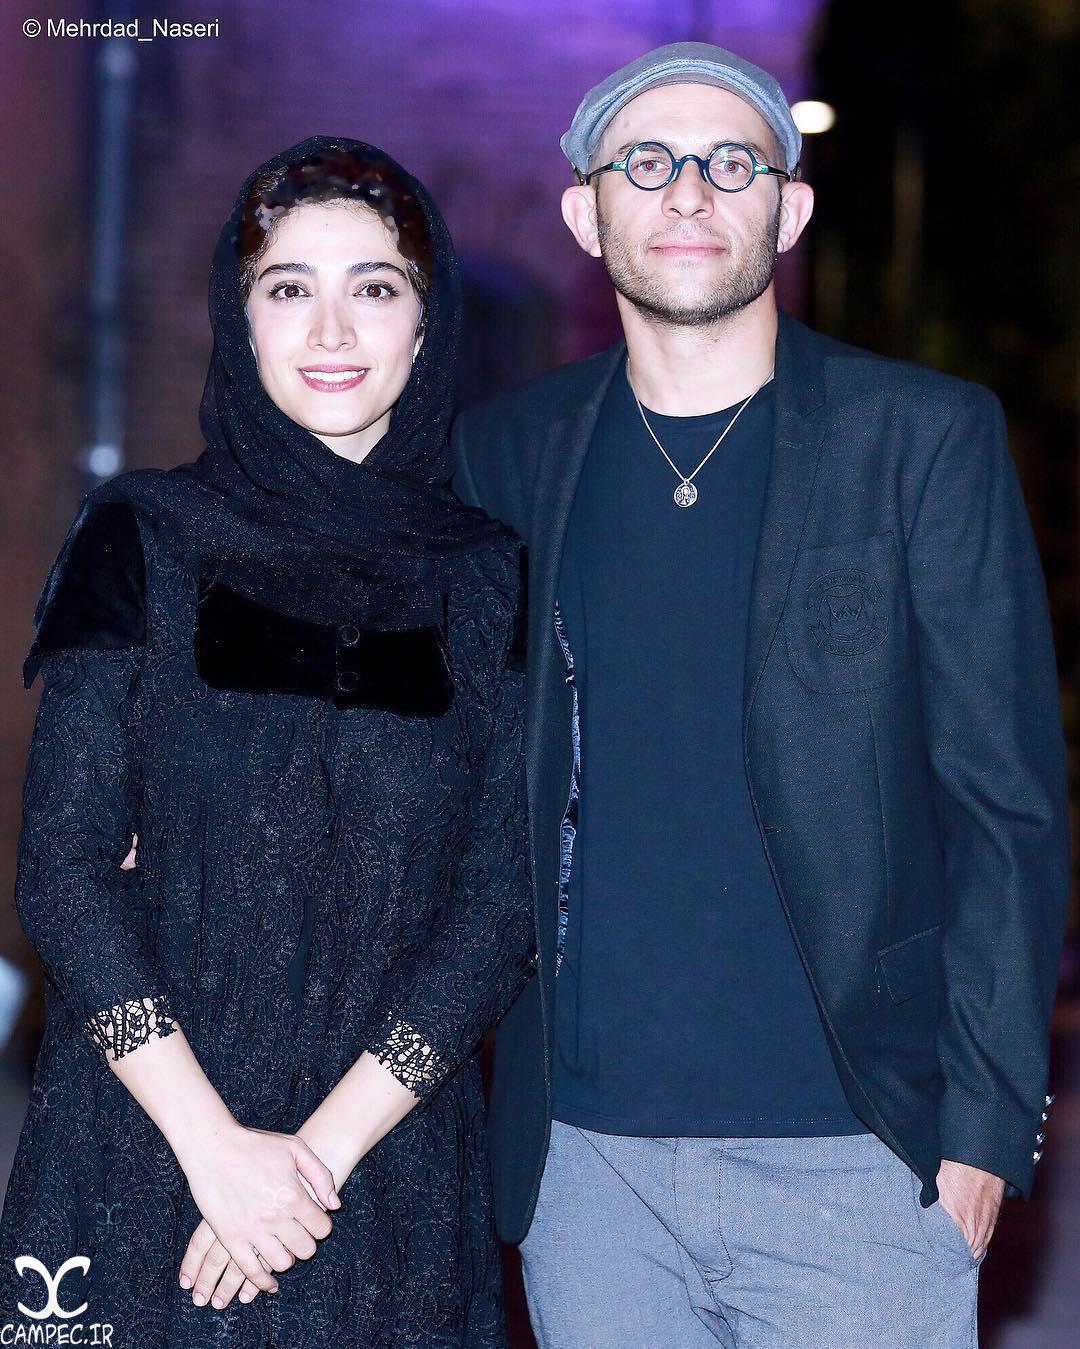 عکسهای جدید و دیدنی از بازیگران با همسرانشان پاییز ۹۵!+تصاویر